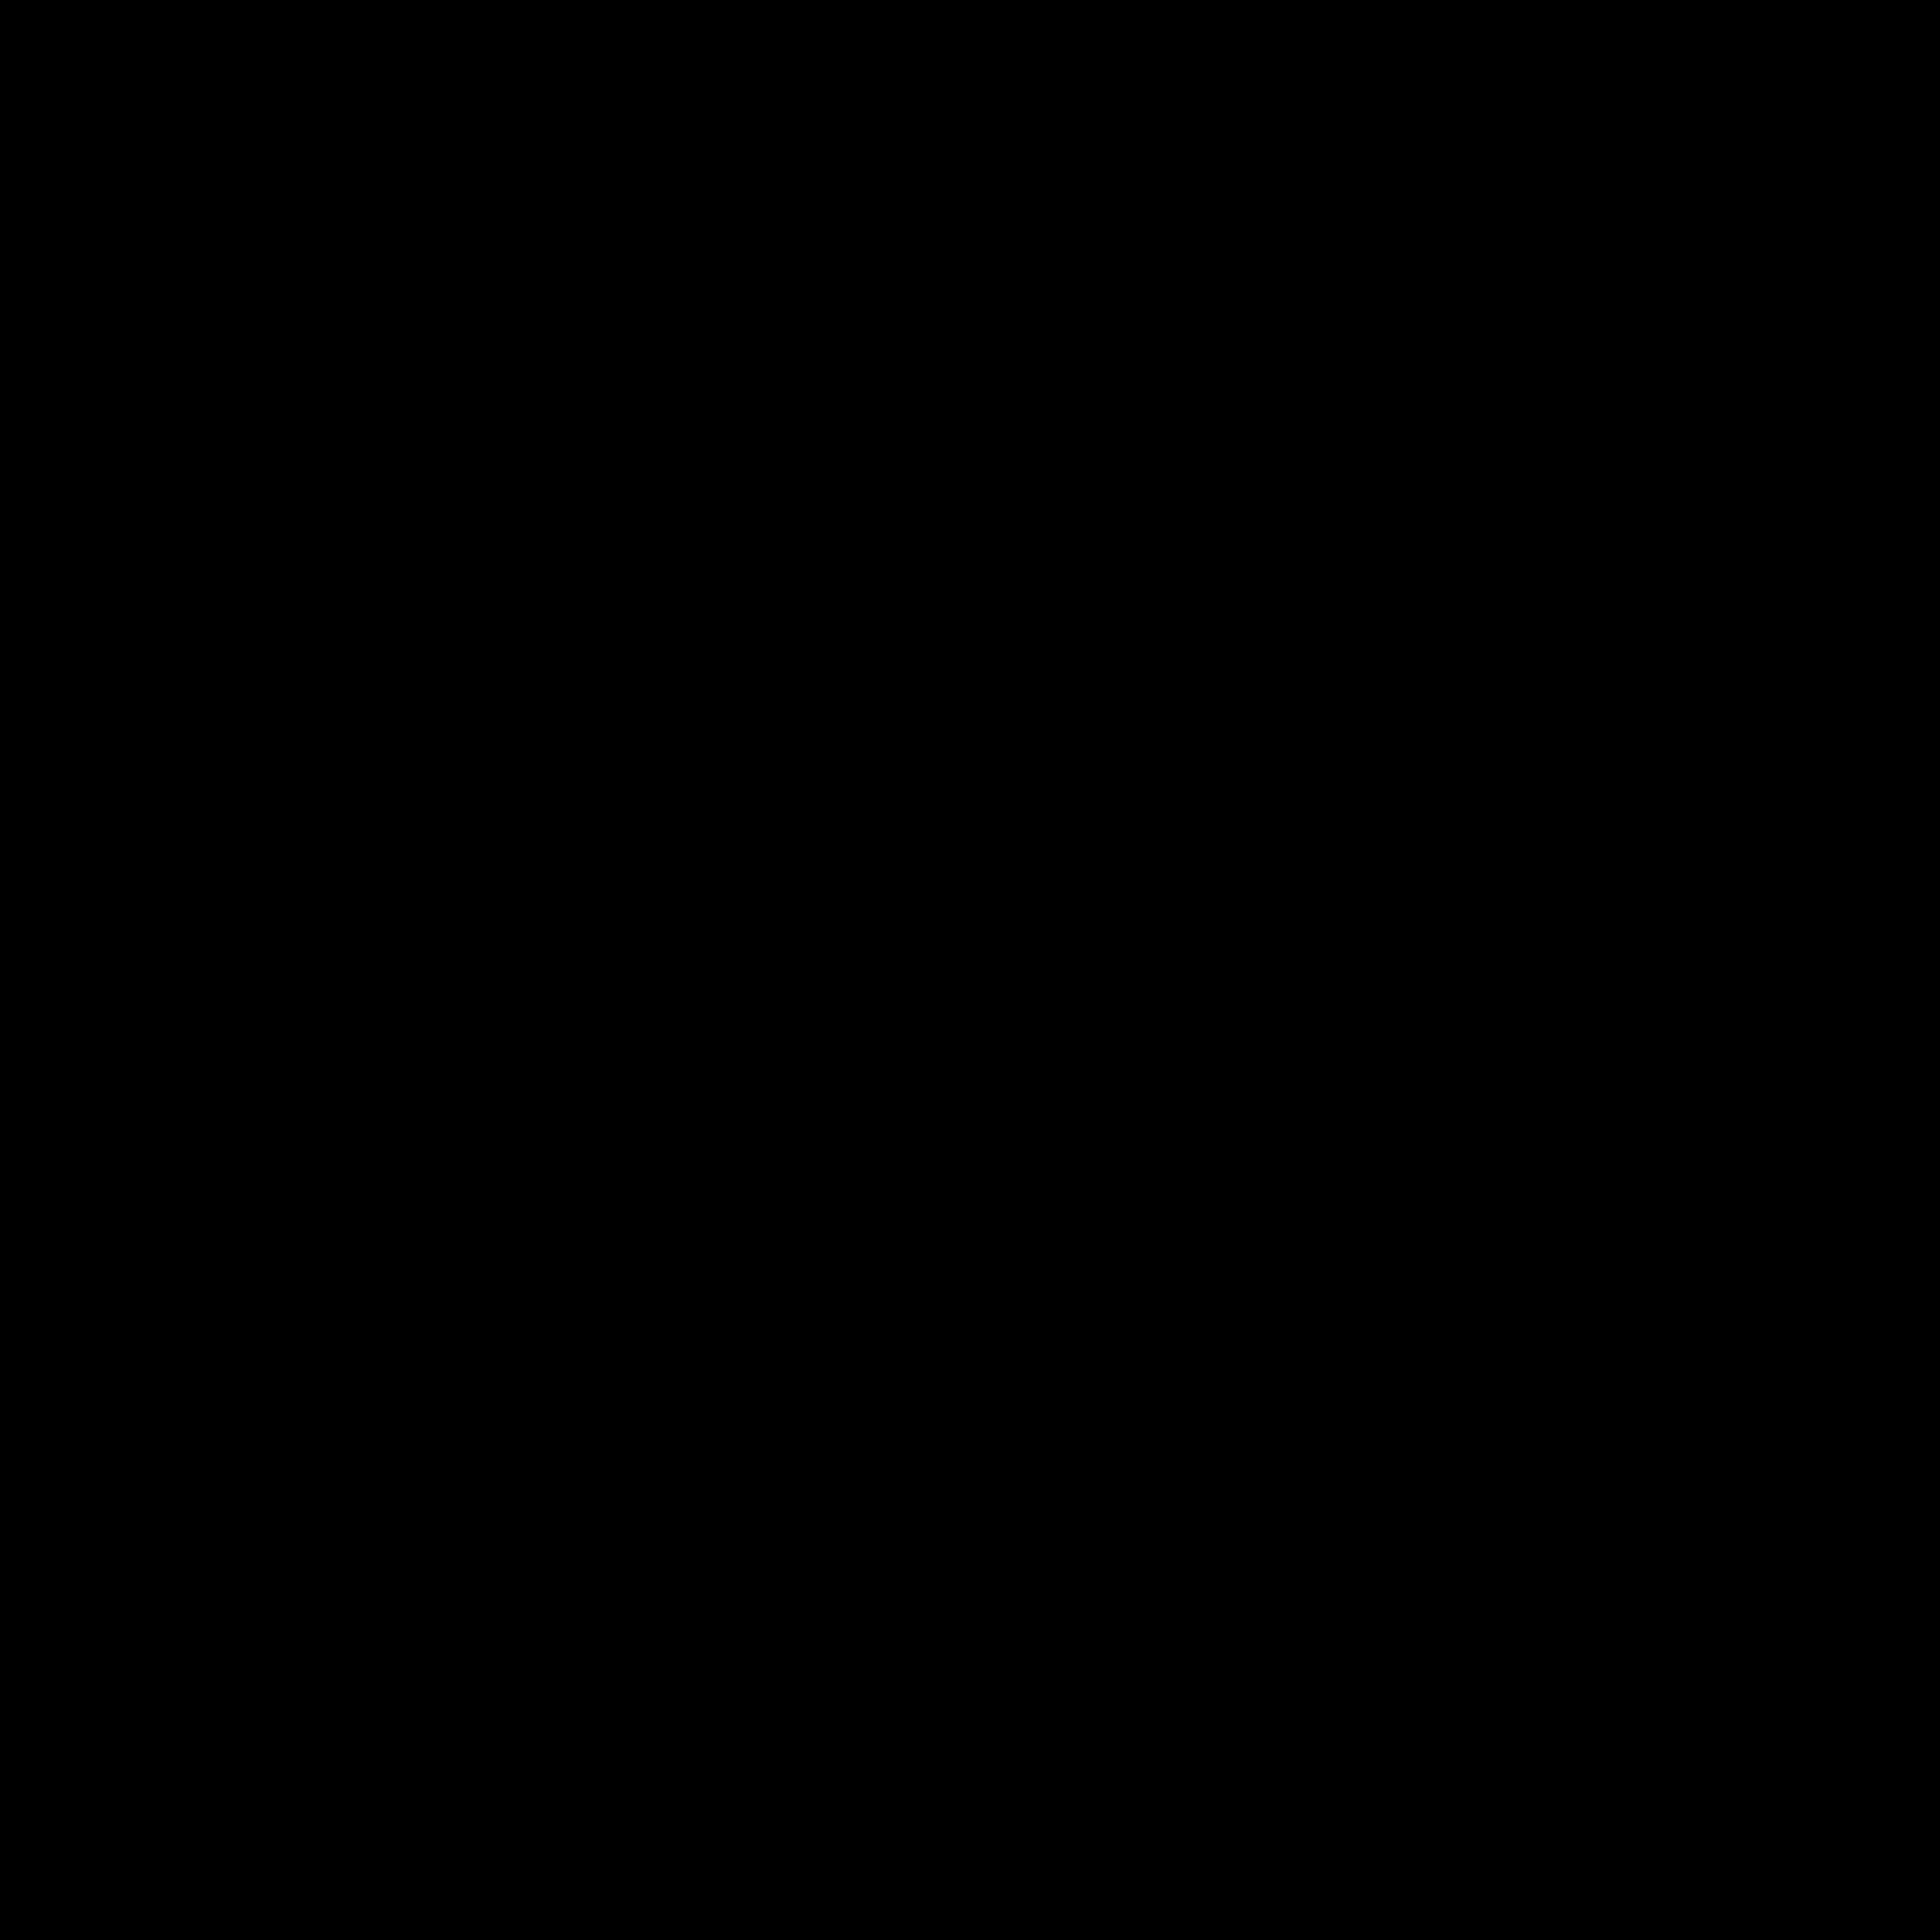 black, window icon